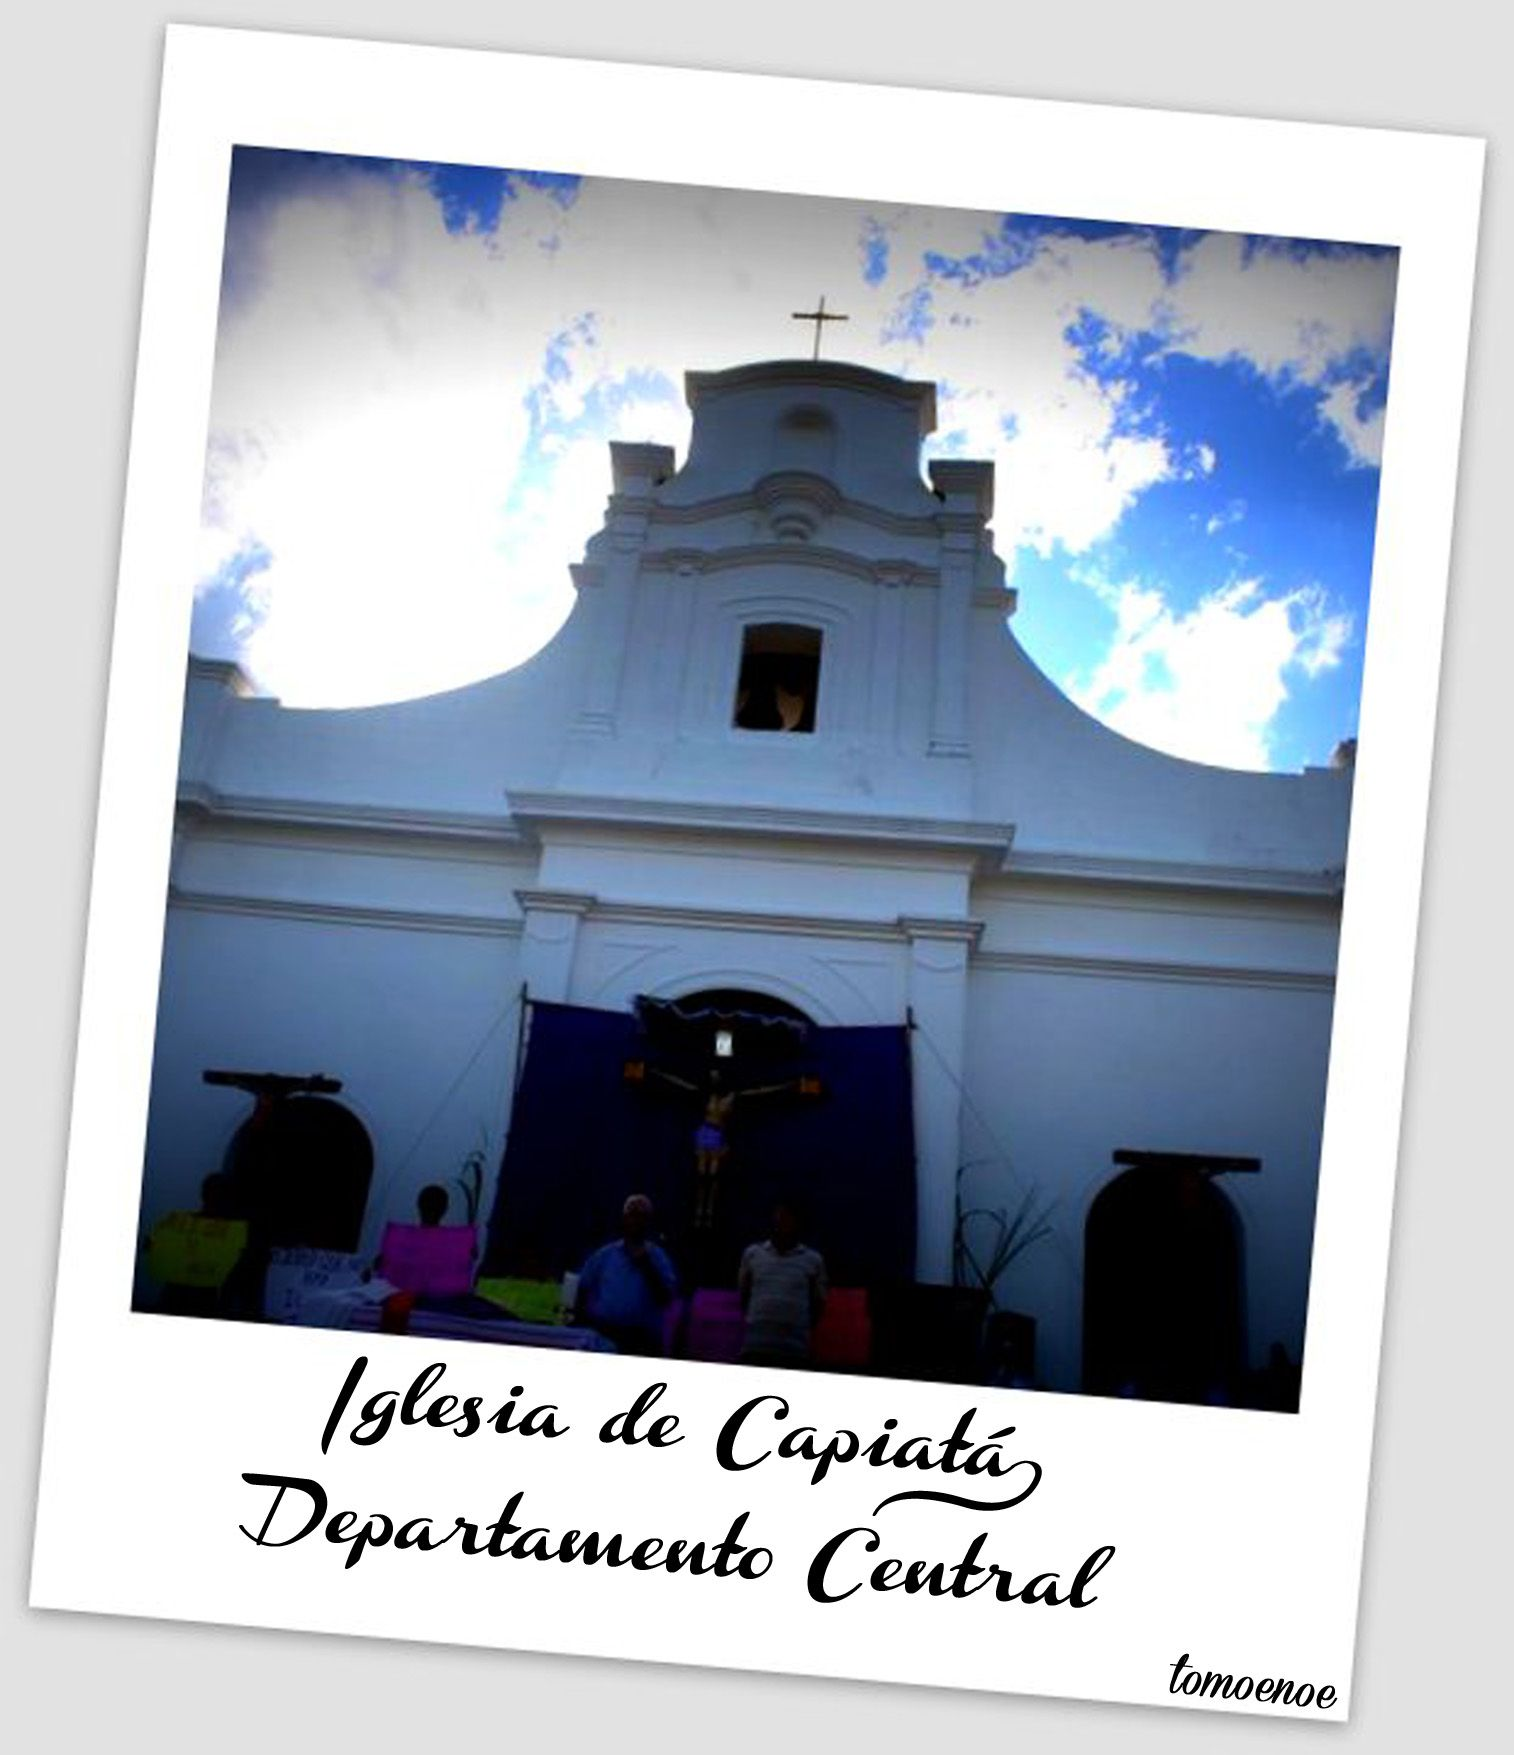 Iglesia de Capiatá Departamento Central